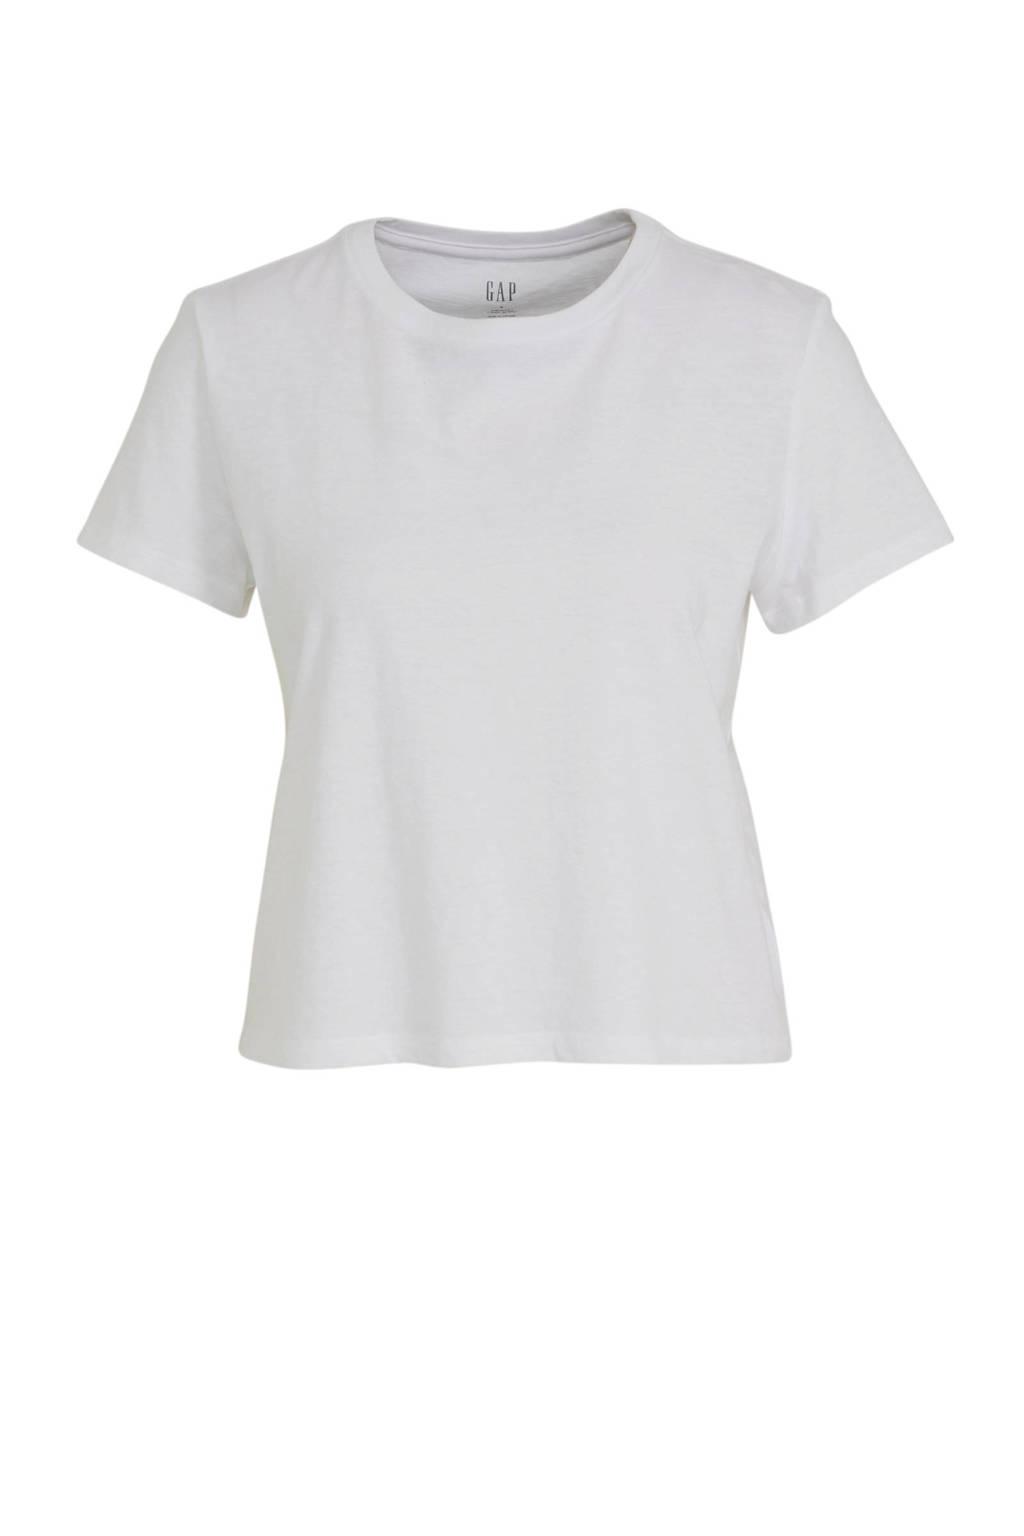 GAP T-shirt wit, Wit